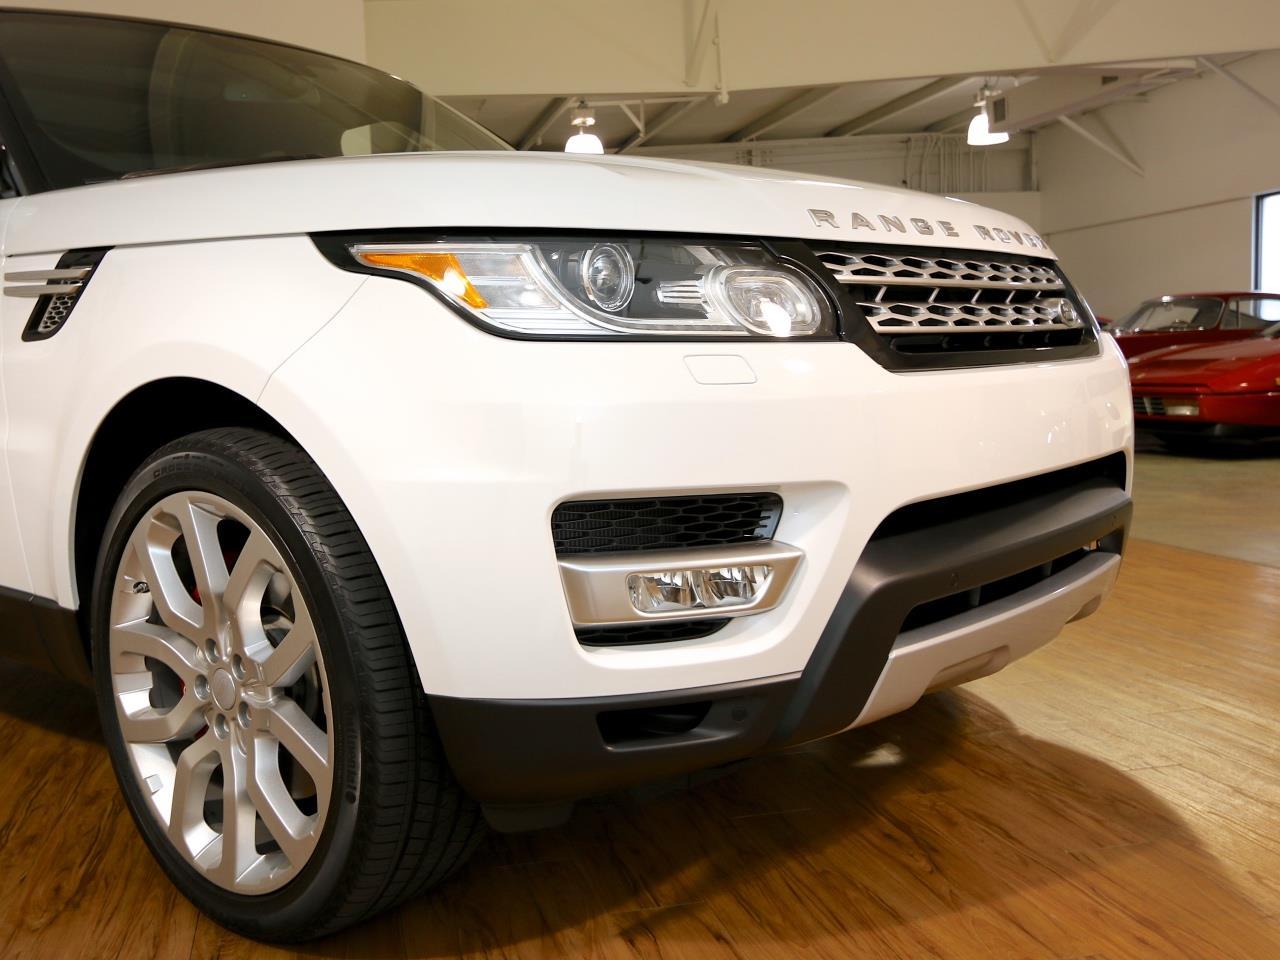 2015 land rover range rover sport supercharged. Black Bedroom Furniture Sets. Home Design Ideas